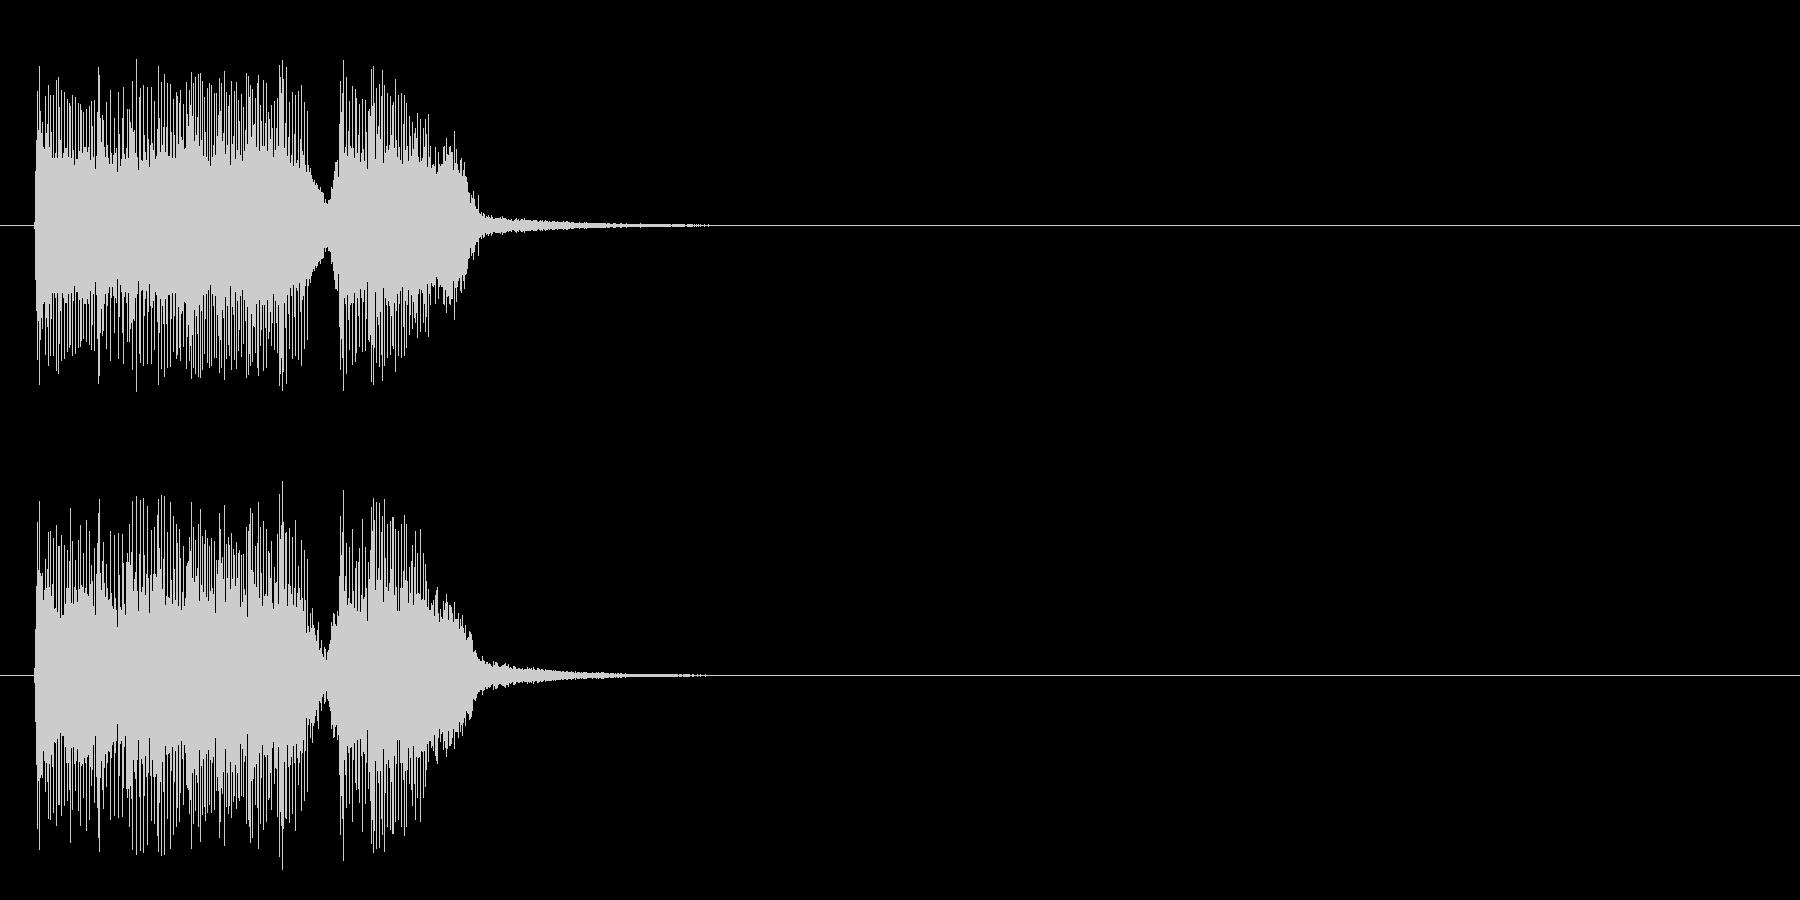 ジングル/アタック(ロック/ハード)の未再生の波形